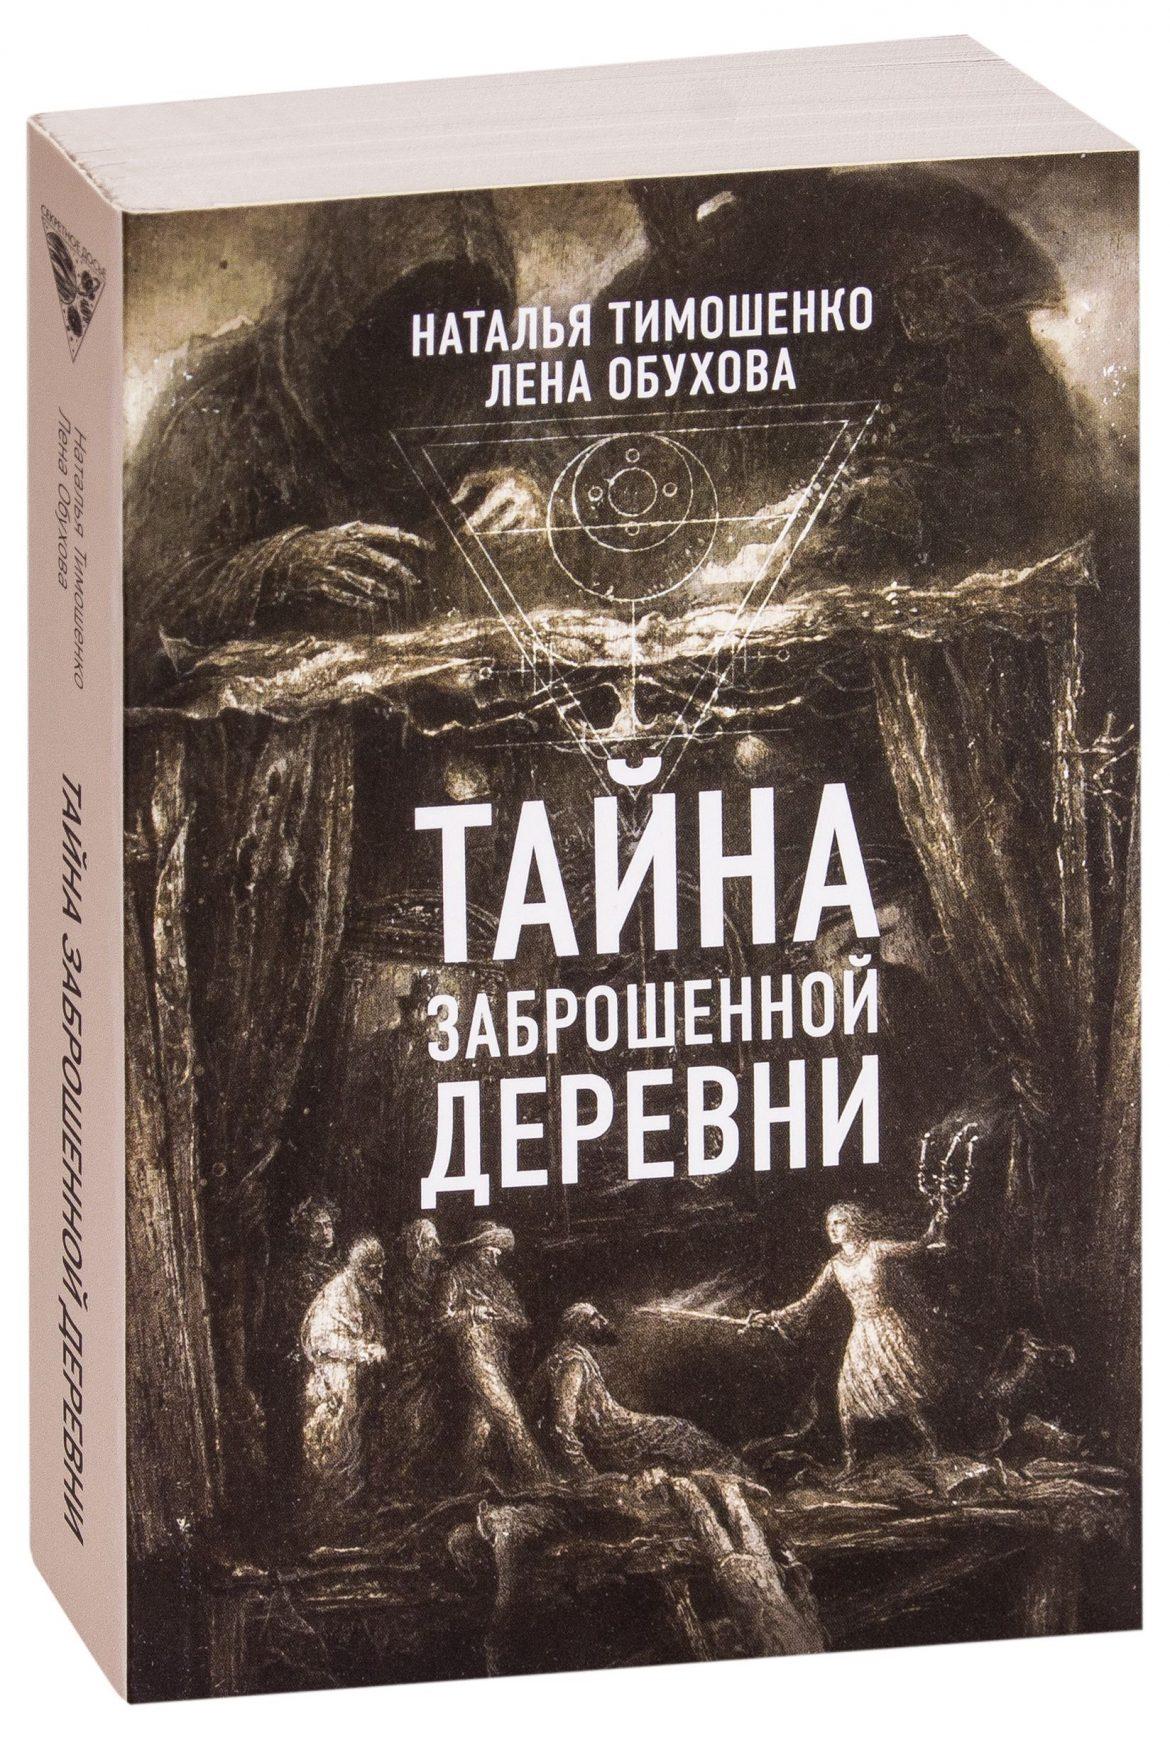 Тайна заброшенной деревни —  Лена Обухова, Наталья Тимошенко